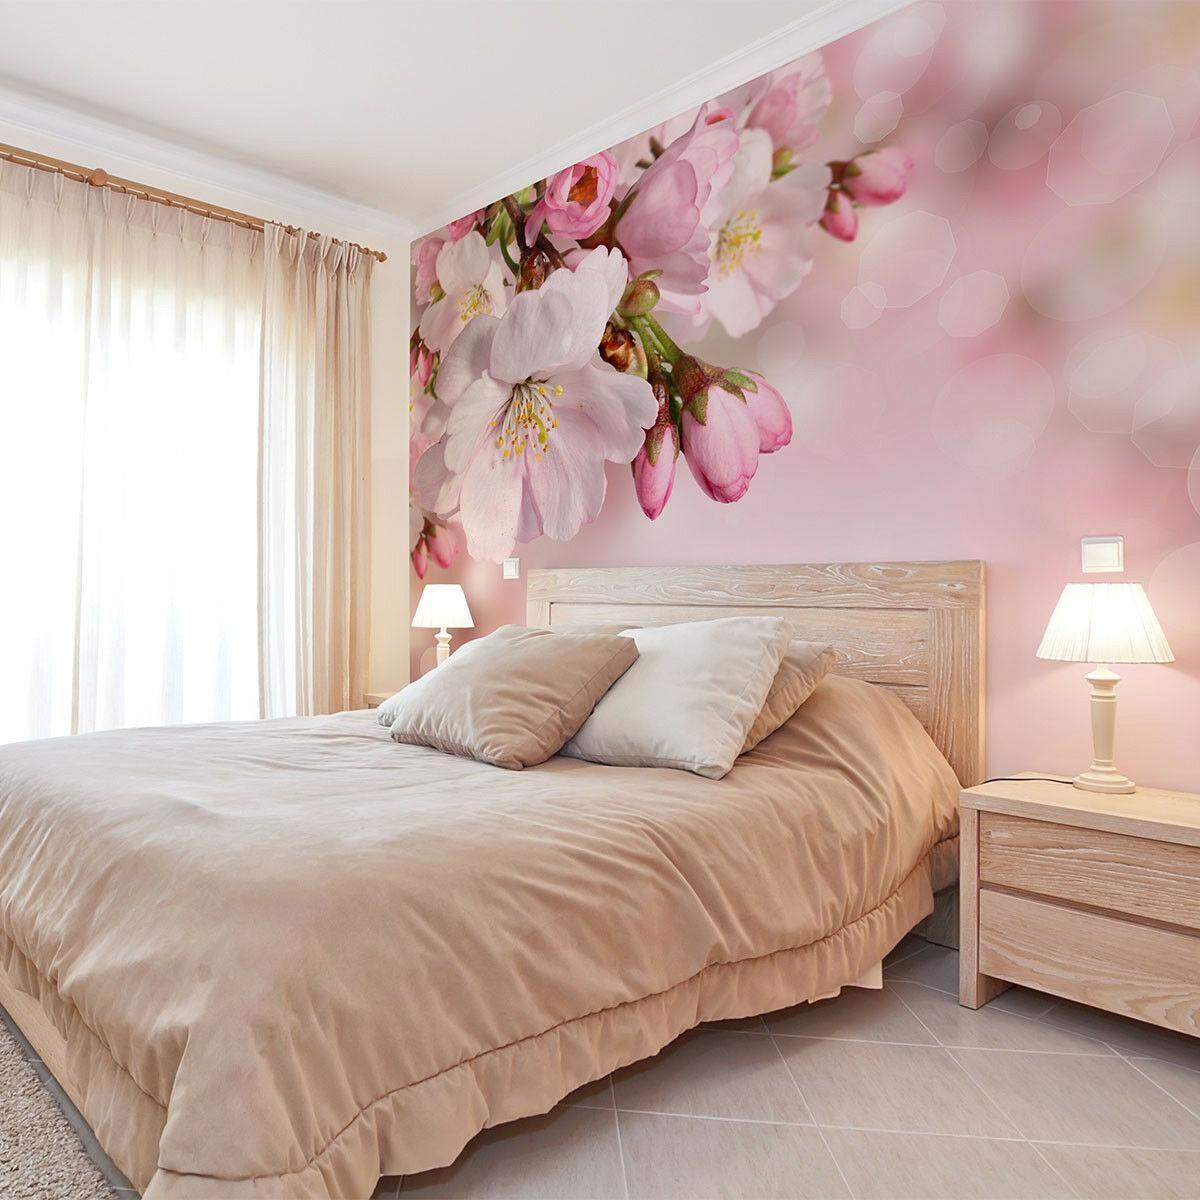 Fine Ideen F?r Tapeten Im Schlafzimmer that you must know ...